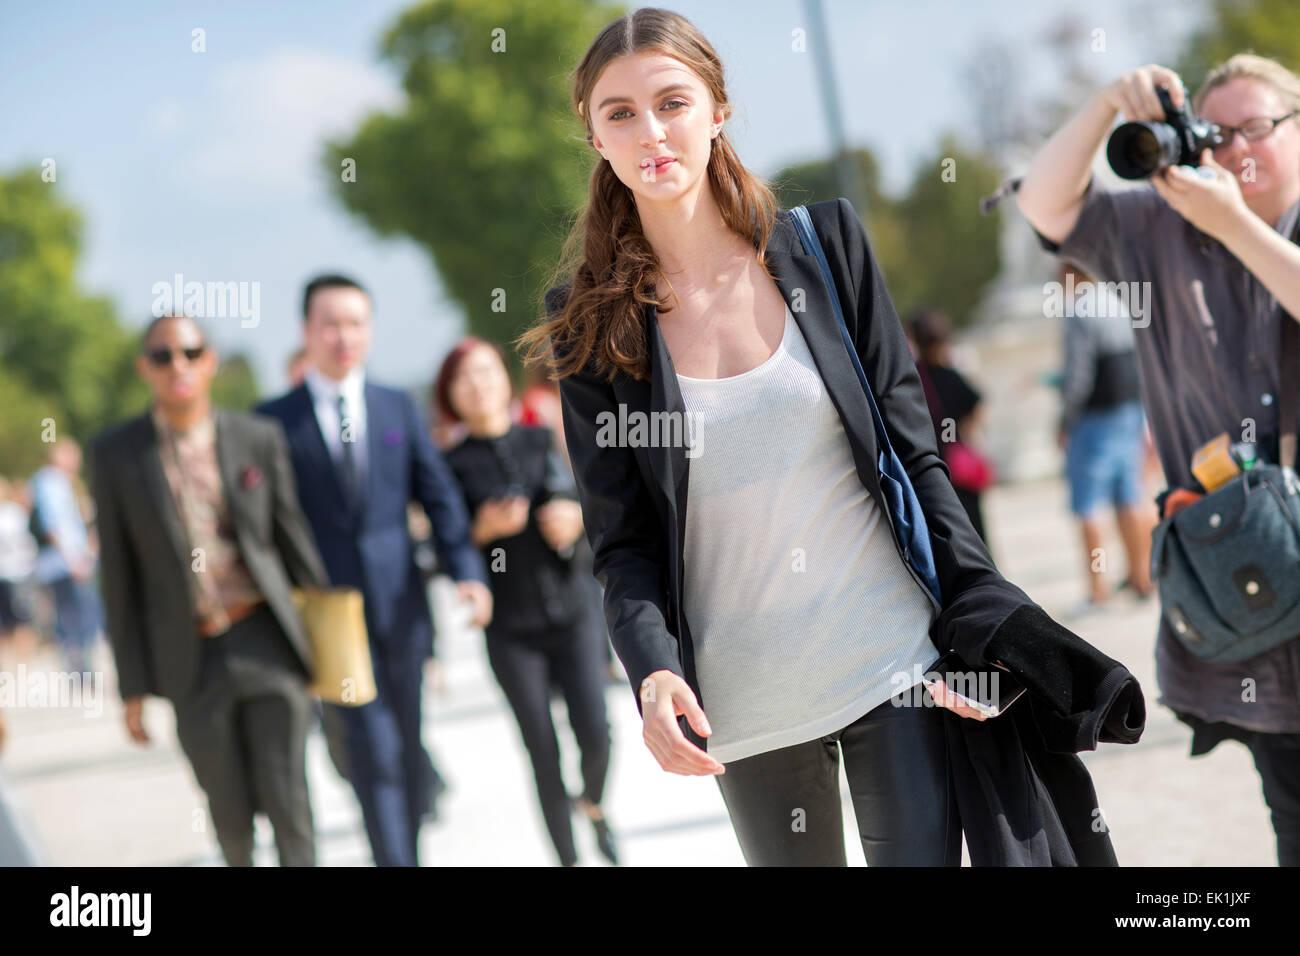 Semana de la moda de París - Primavera/Verano 2015 - Streetstyle Featuring: Modelo donde: París, Francia cuando: Foto de stock